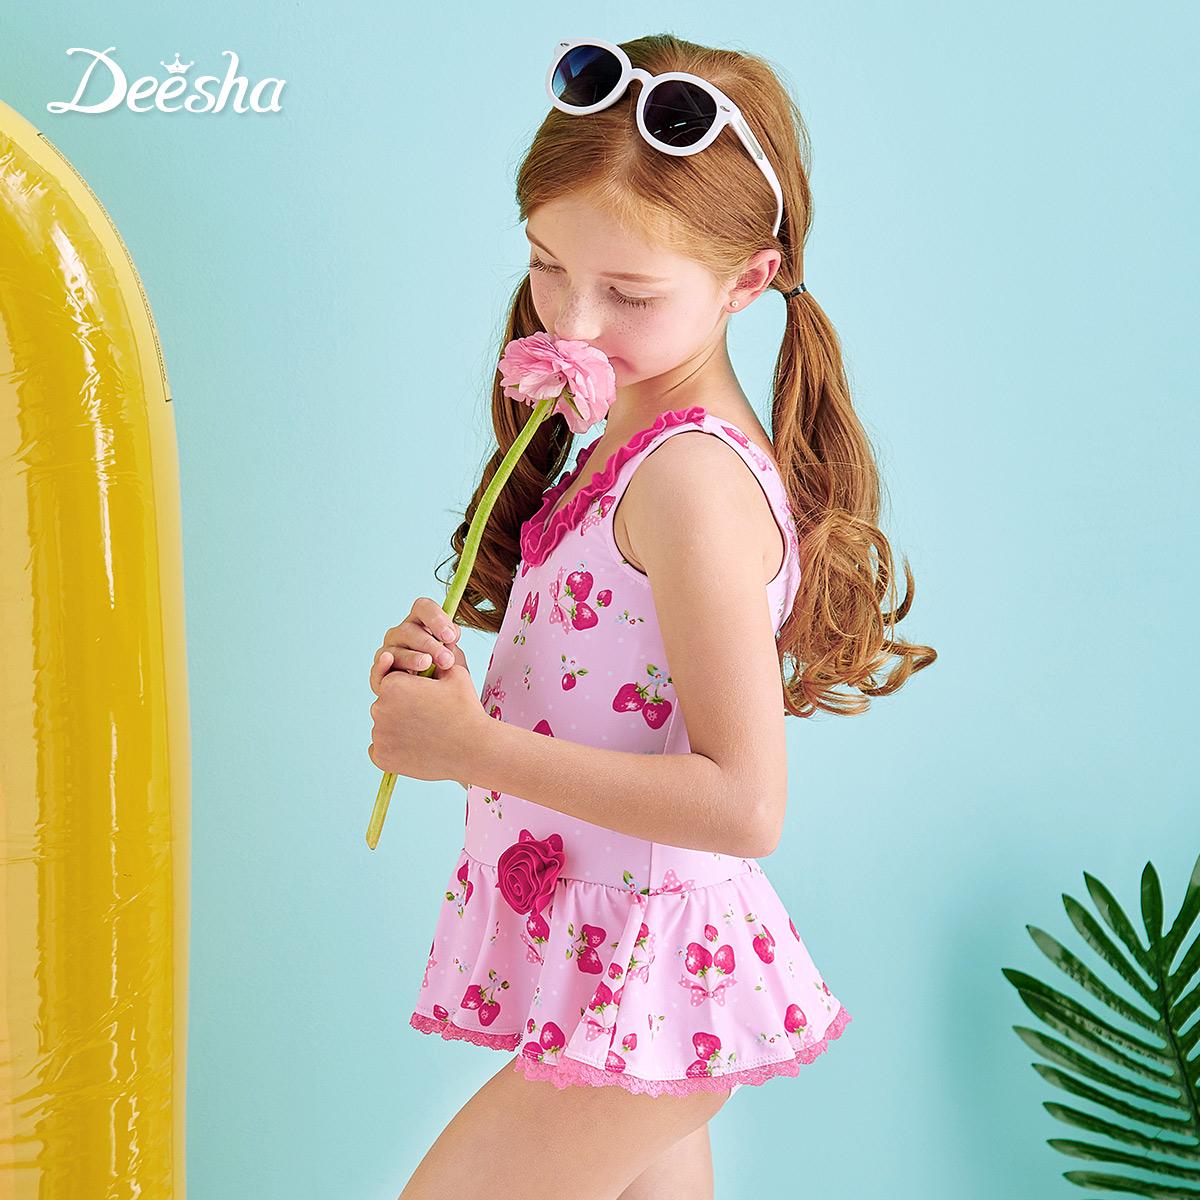 Флейта крахмал саго ребятишки девочки купальный костюм 2016 новый летний ребенок милый печать мода ребенок сиамский купальный костюм